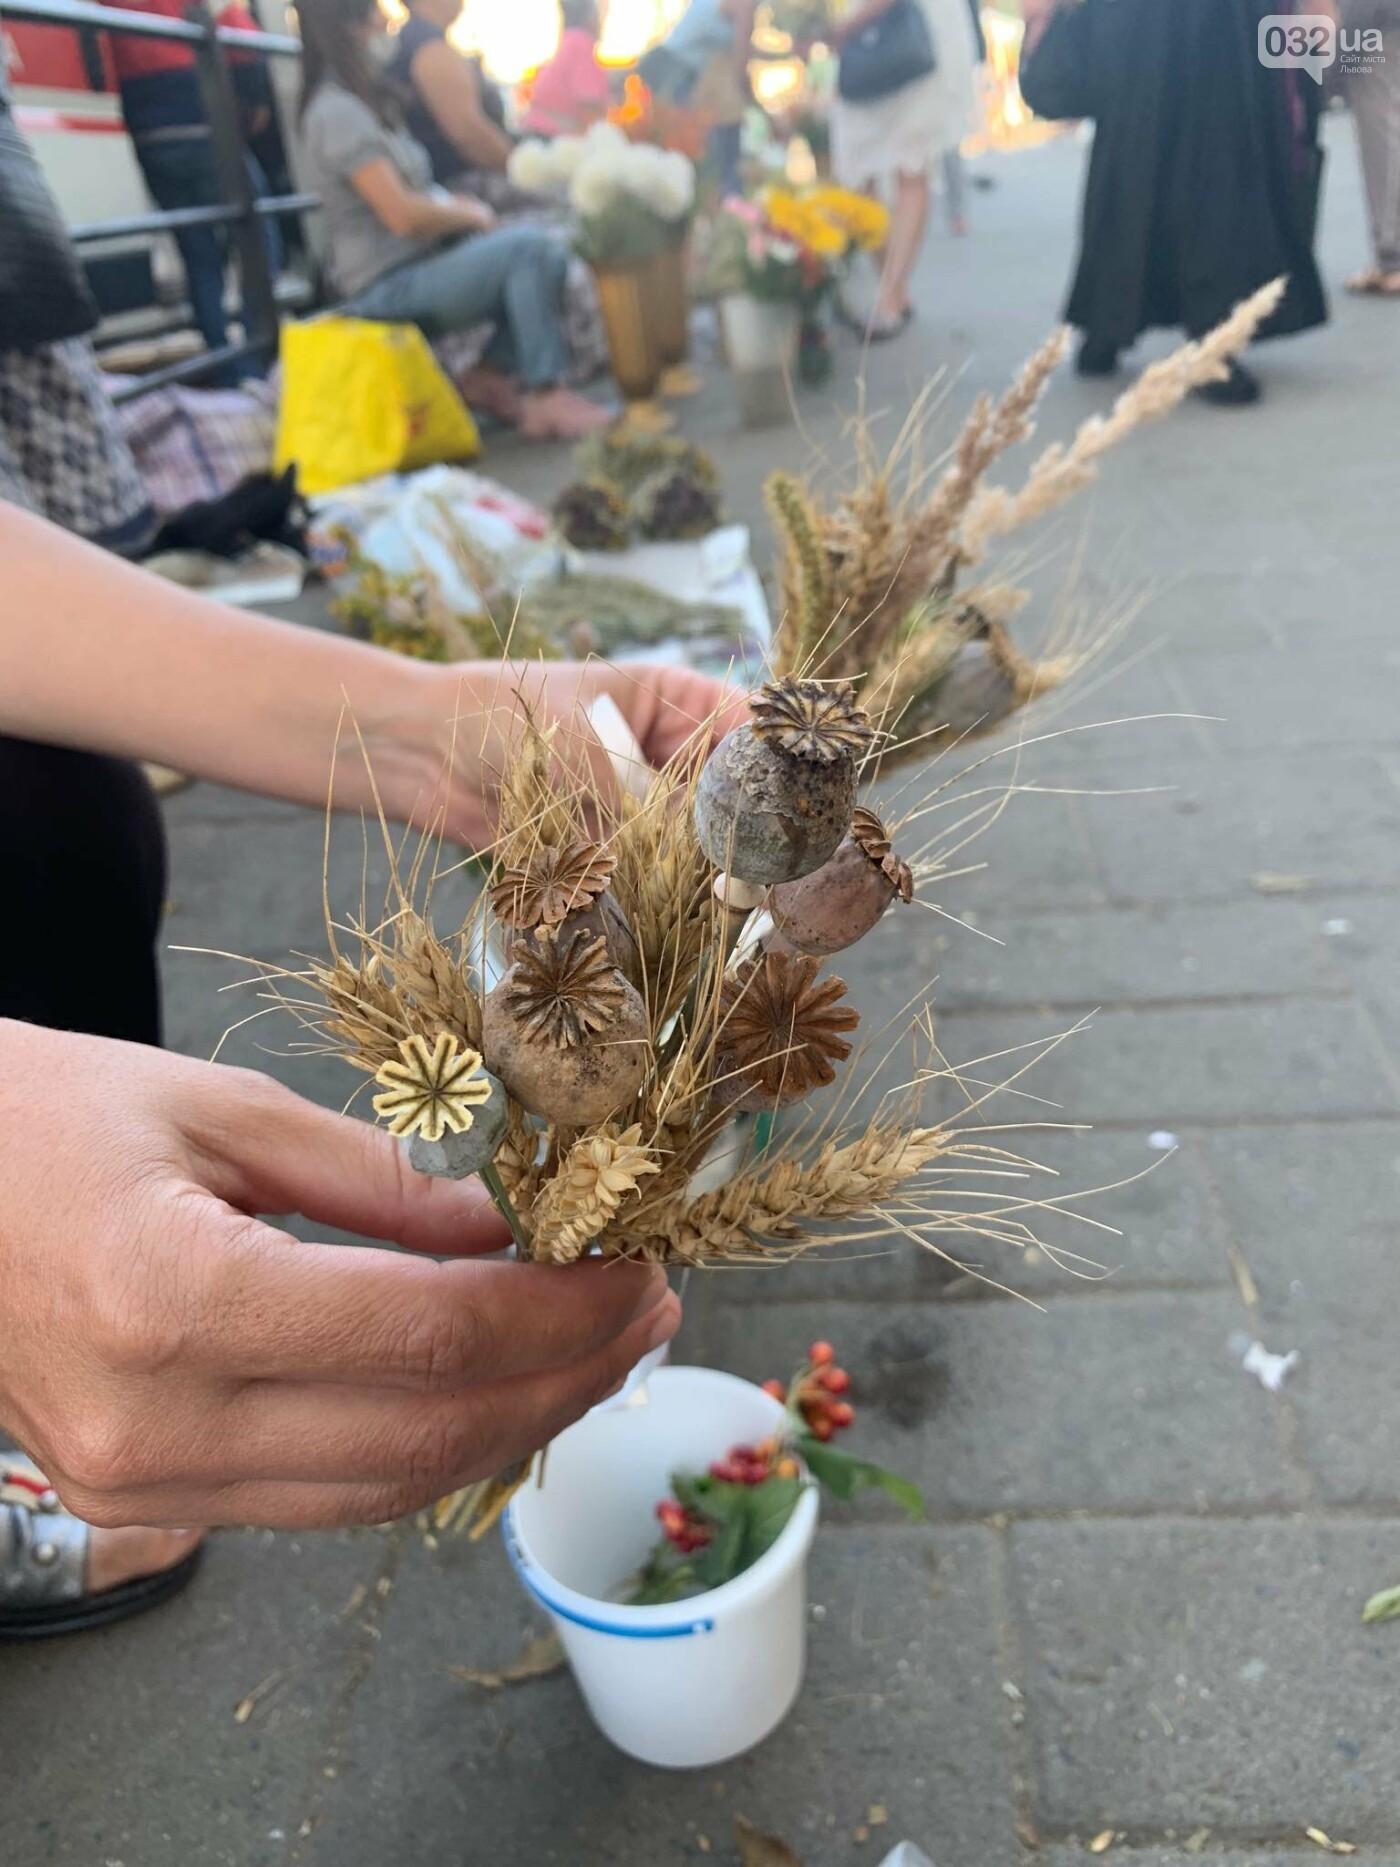 Букети на Маковія у Львові. Фото - 032.ua